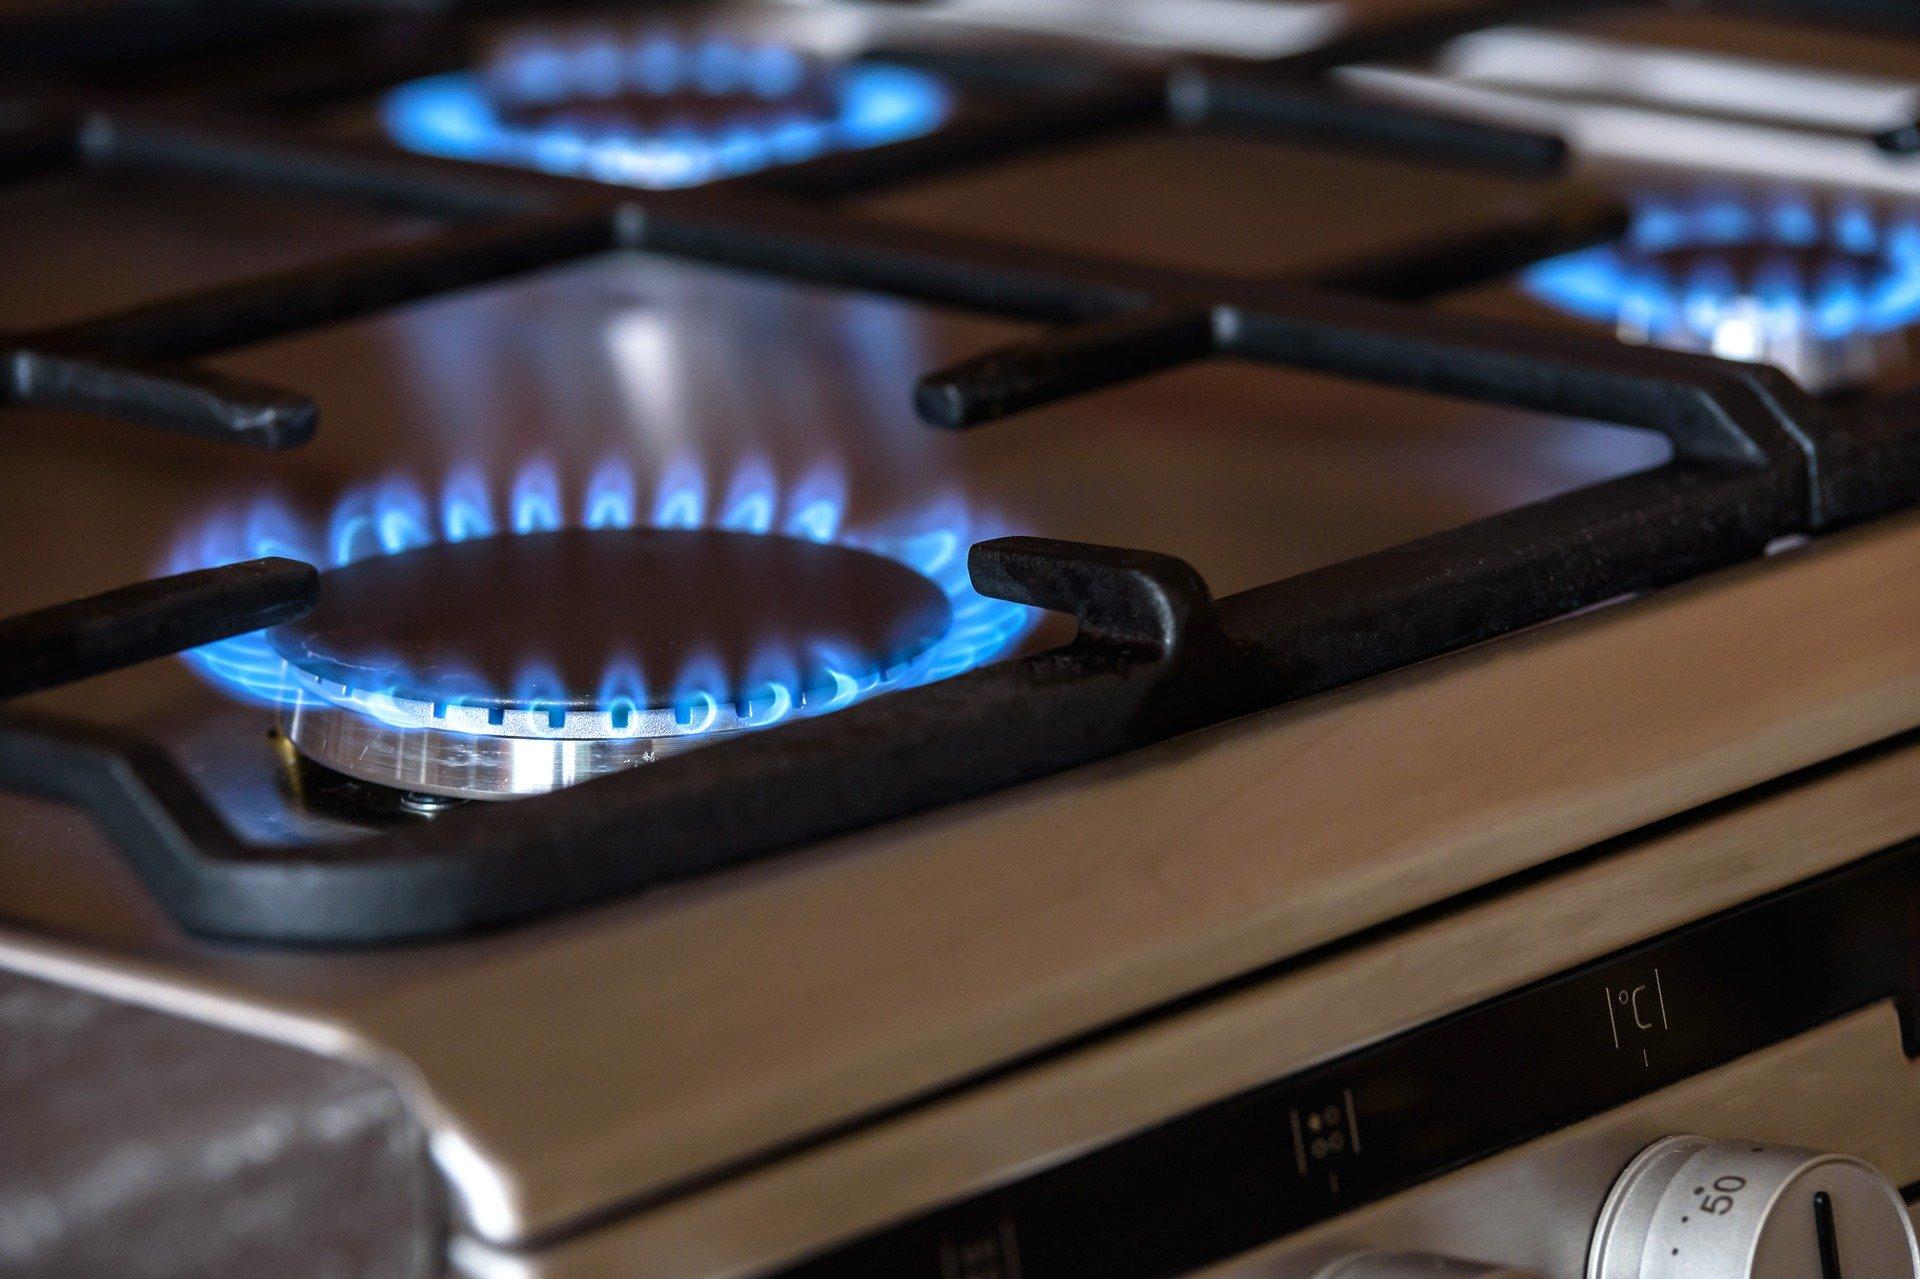 ВНижегородской области 35-летний мужчина скончался ототравления газом